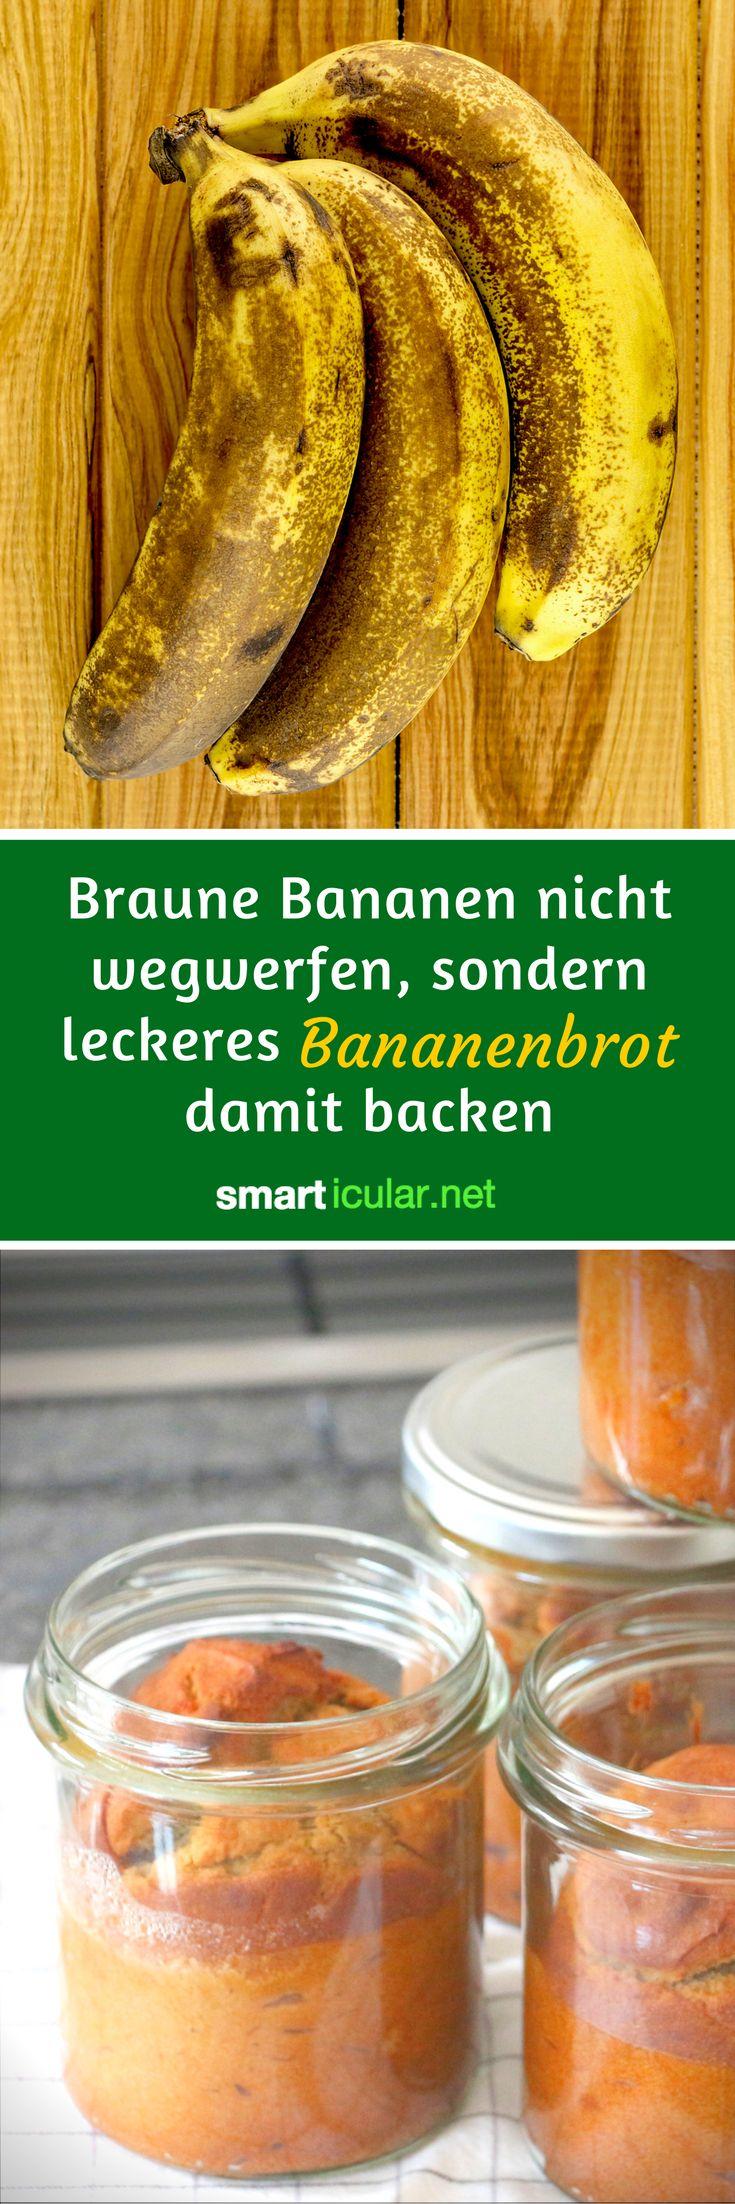 Braune Bananen verwerten? Mit diesem einfachen Rezept für Bananenbrot gelingt das sogar glutenfrei, vegan und ohne zusätzlichen Zucker.